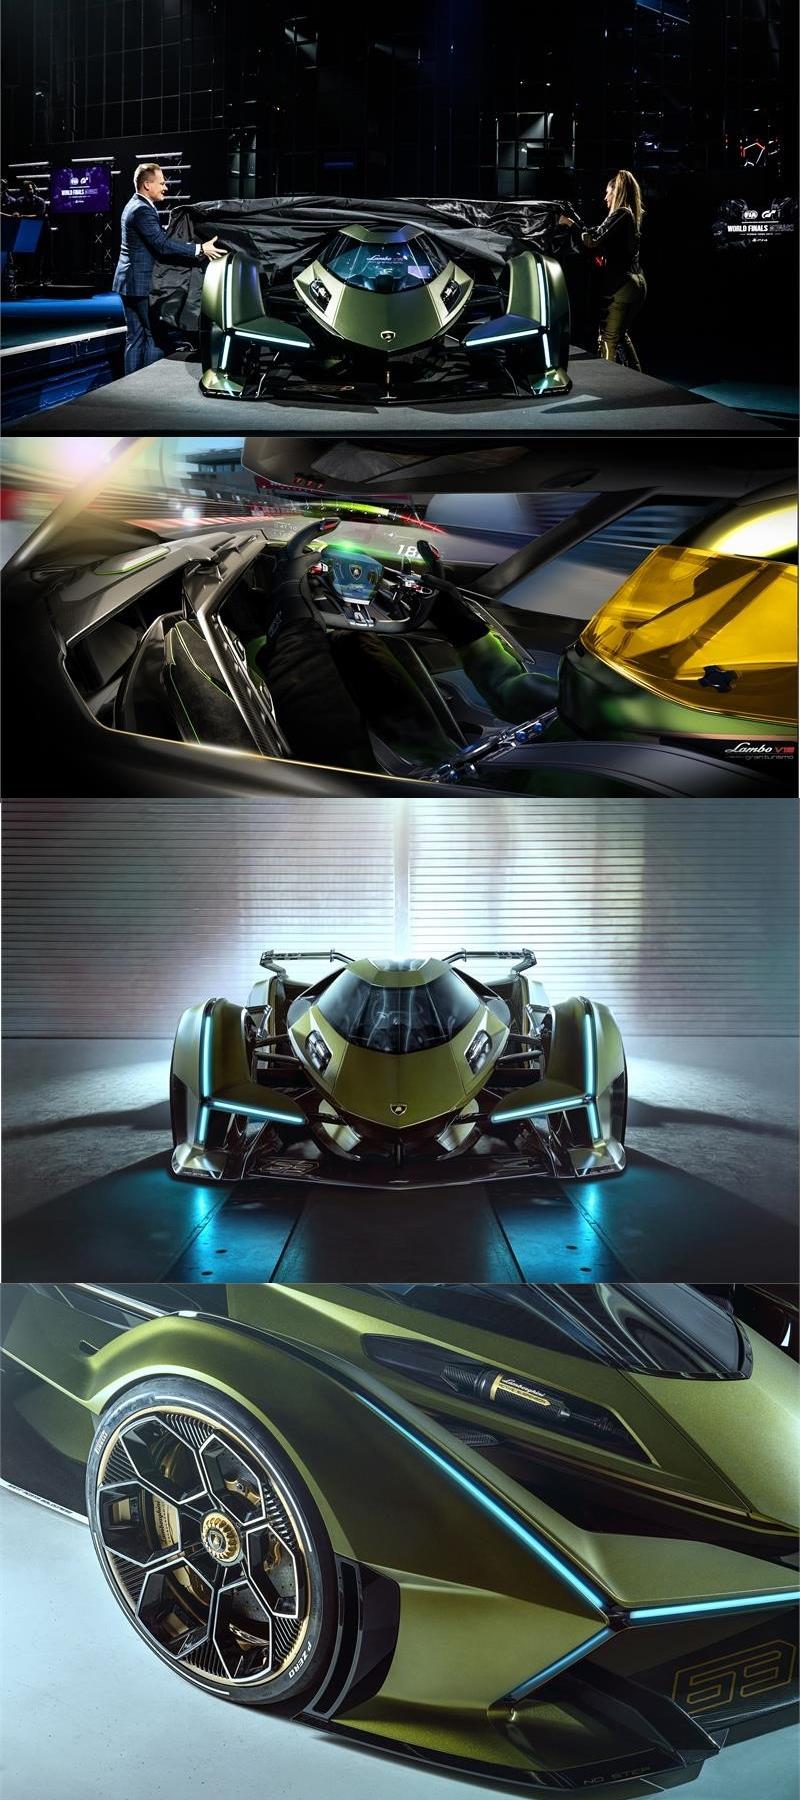 Lamborghini Lambo V12 Vision Gran Turismo unveiled in Monte-Carlo-